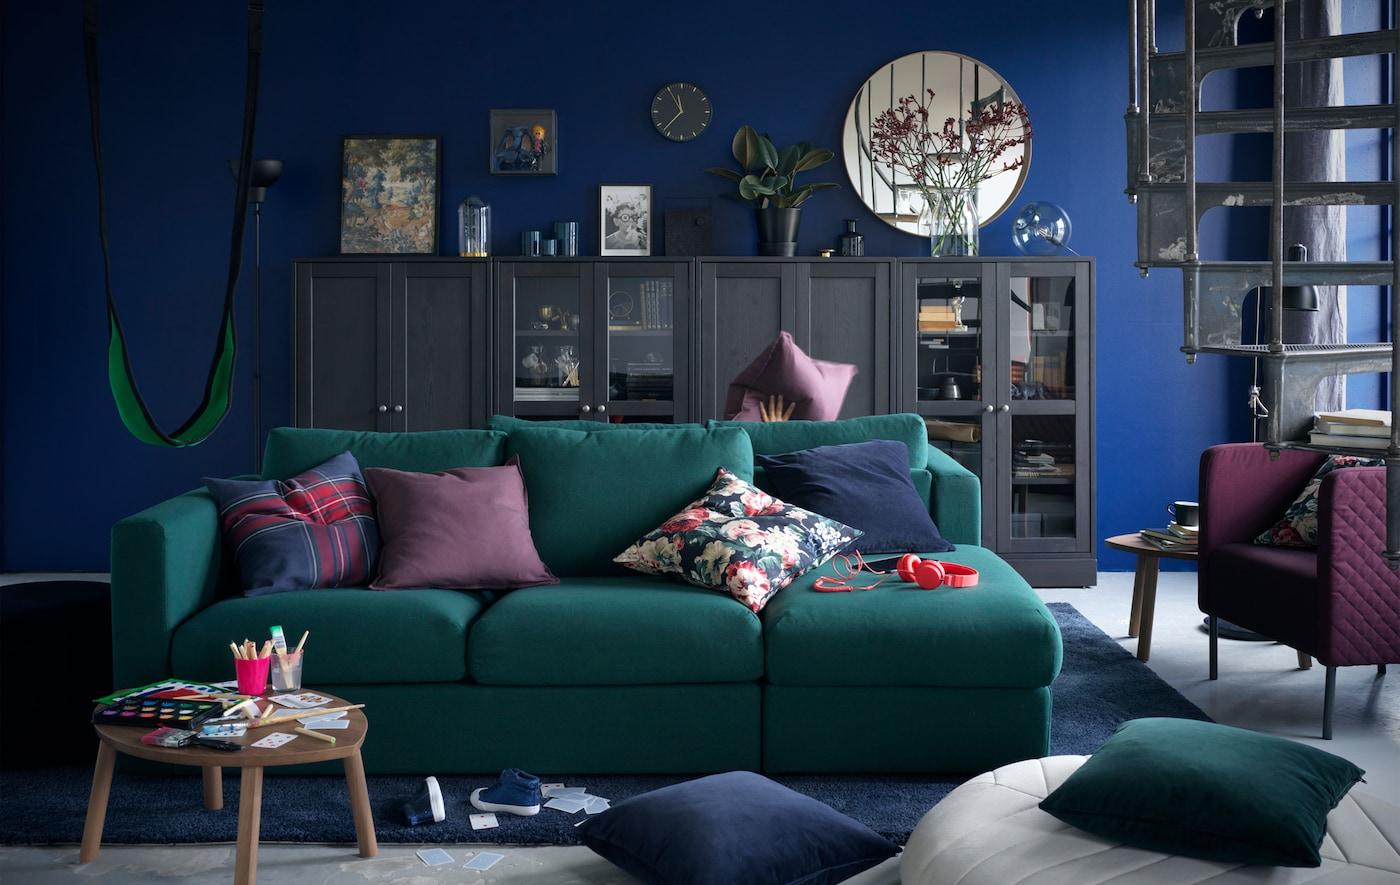 Pièce phare dans le séjour, un confortable canapé IKEA VIMLE.